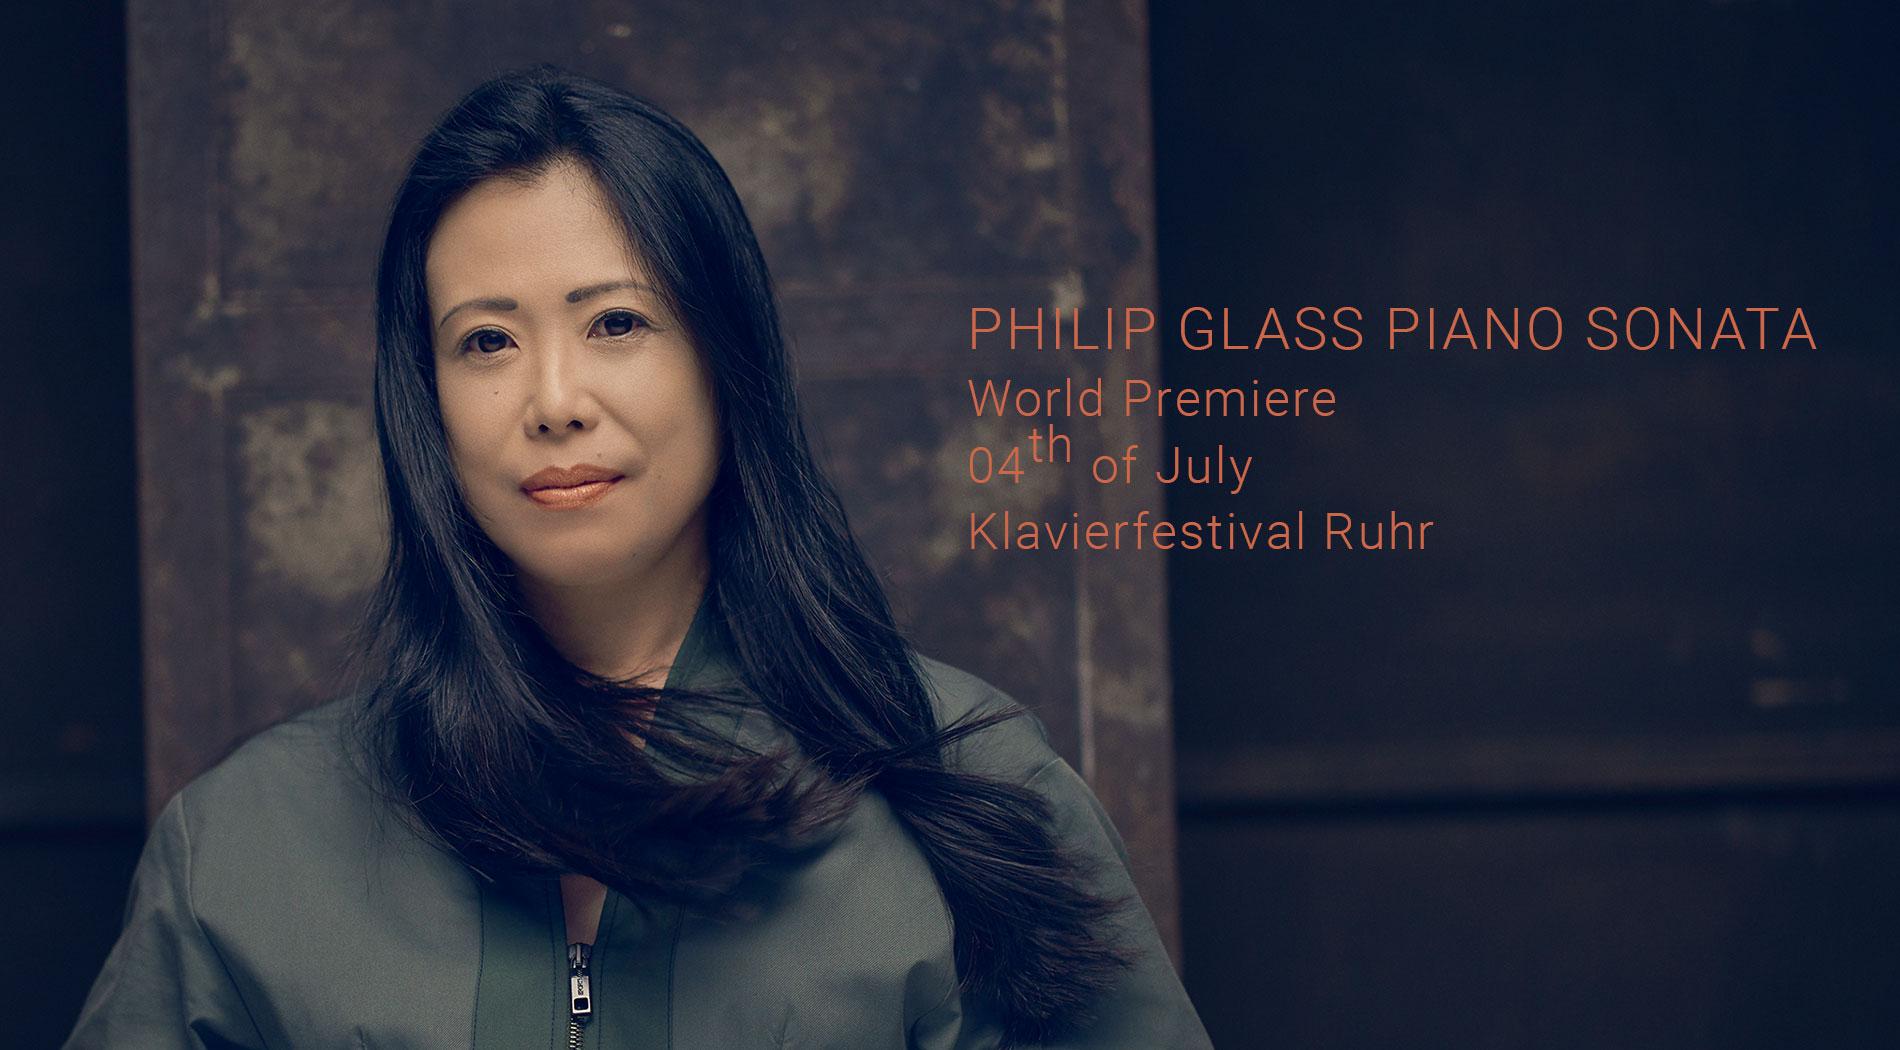 Maki Namekawa to premiere the first Piano Sonata by Philip Glass